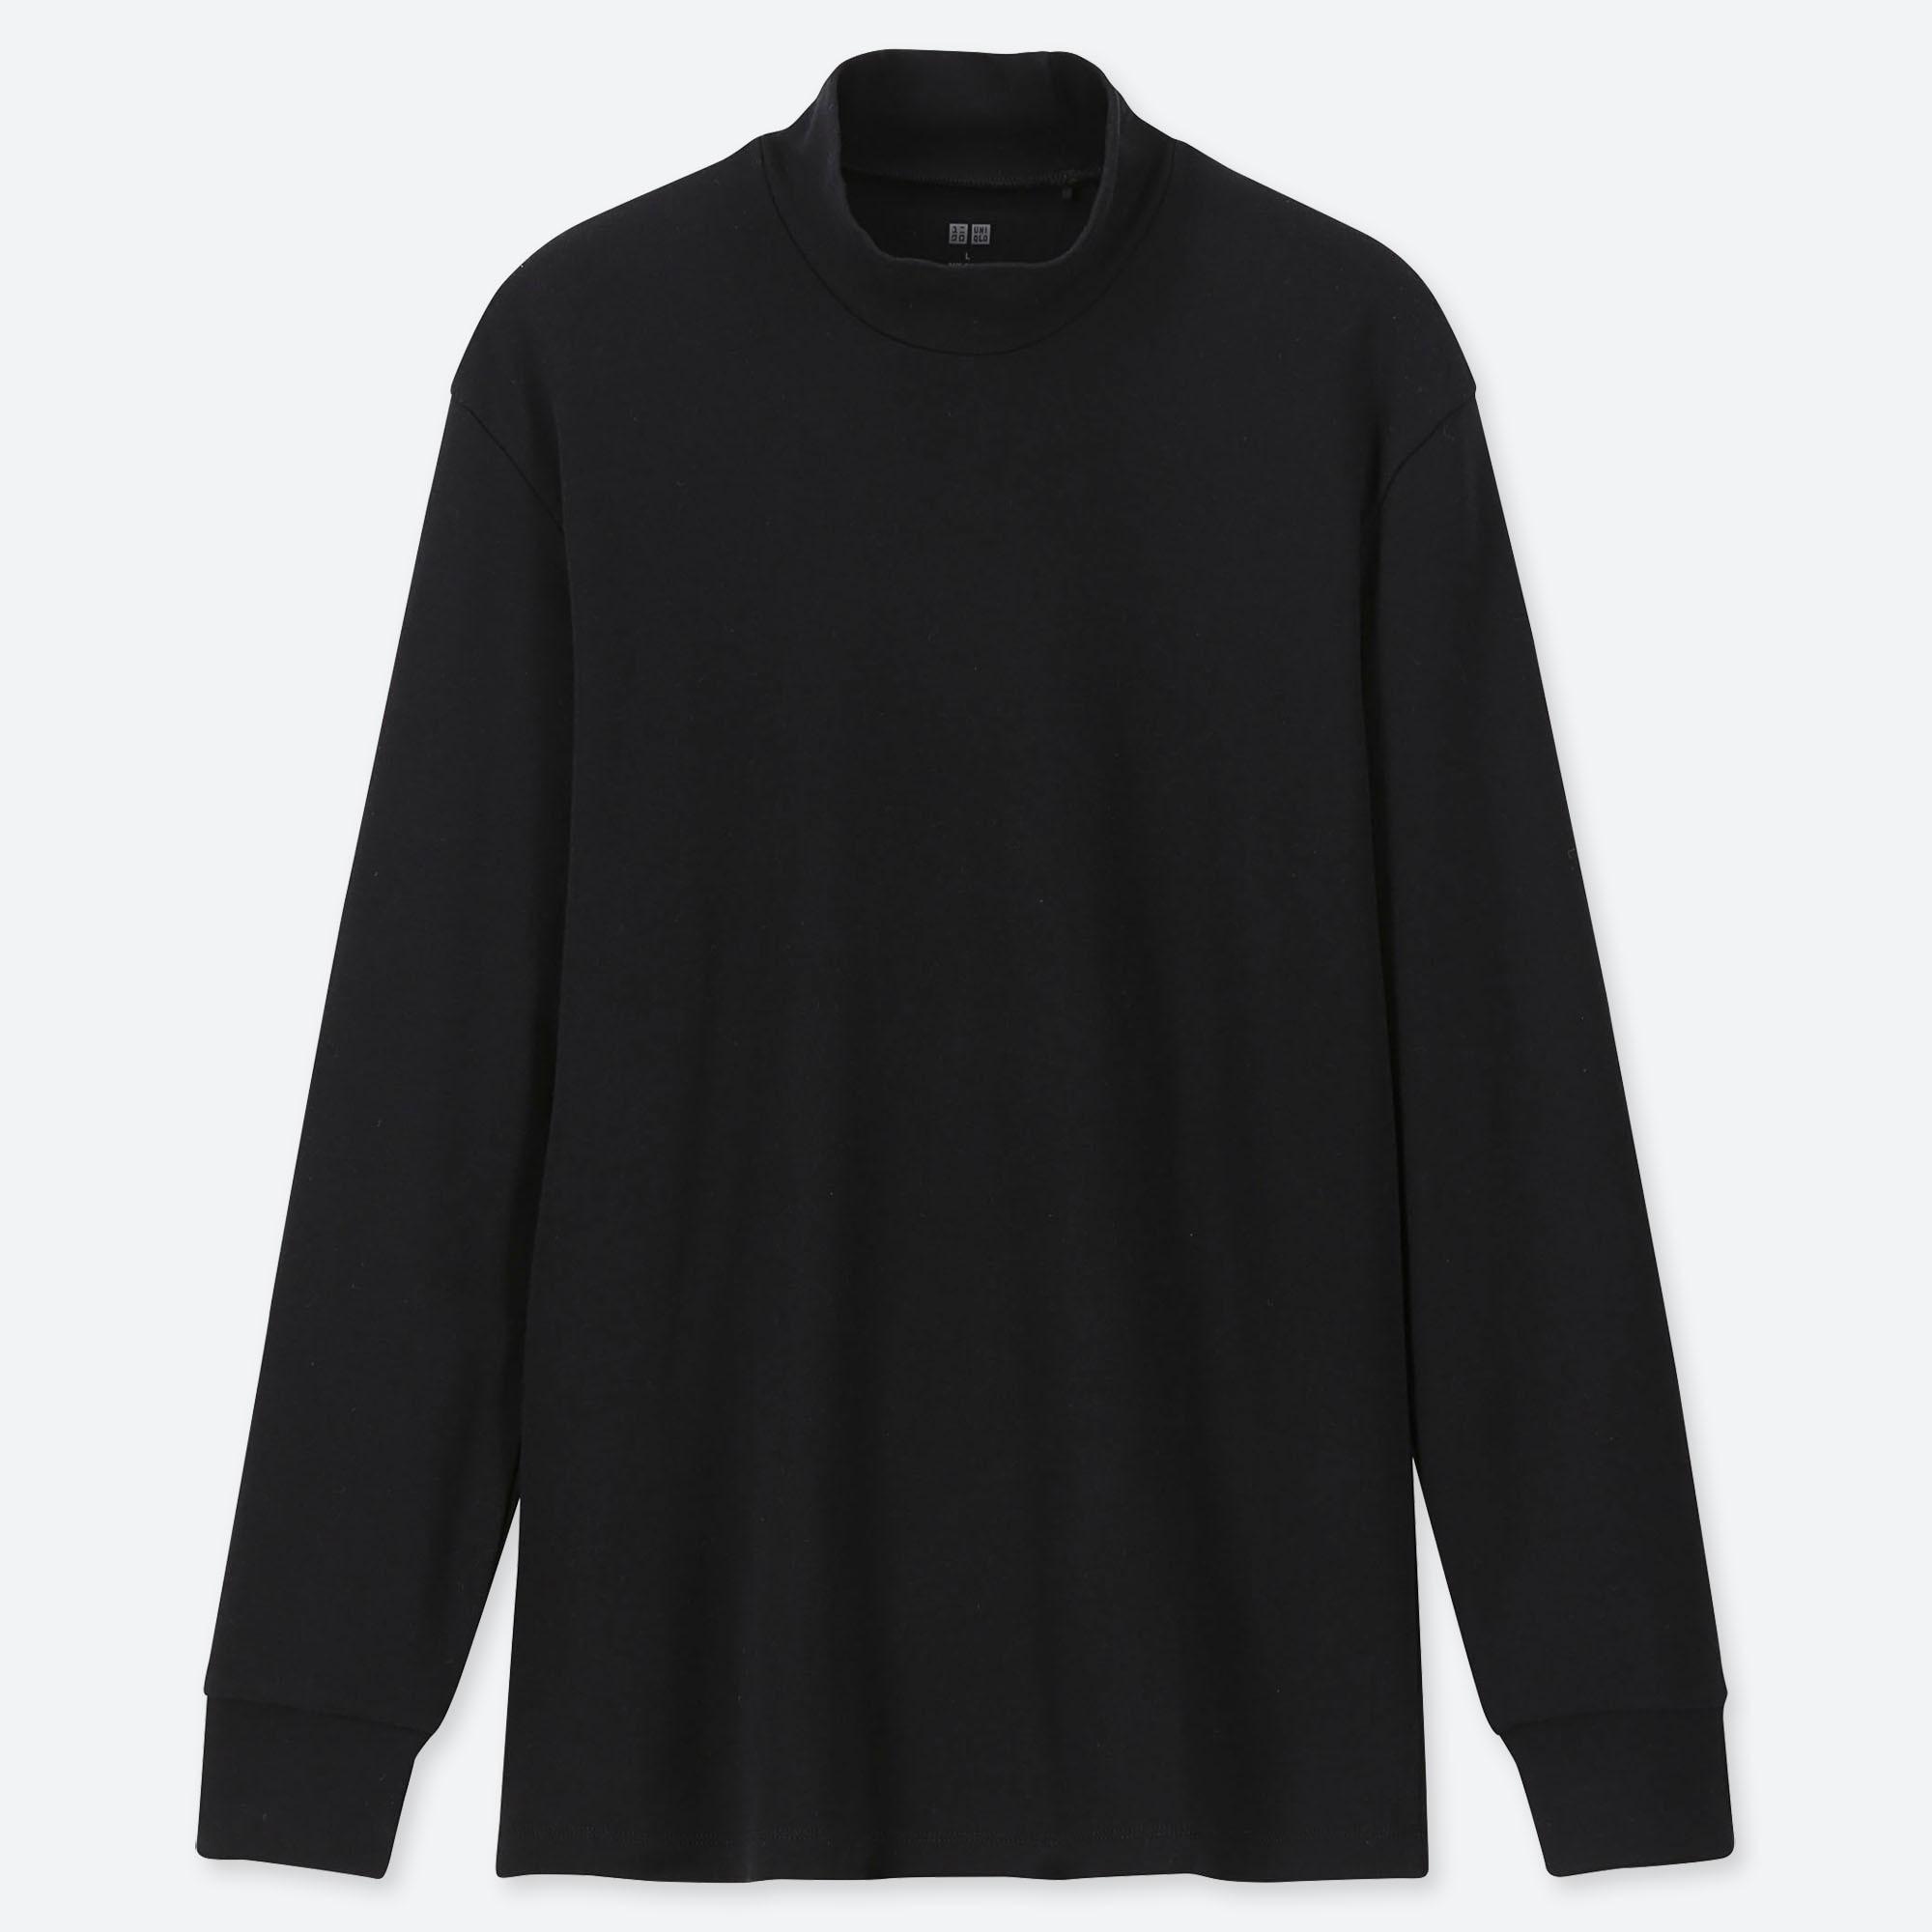 T Shirt im Matrosen Look mit Henleykragen